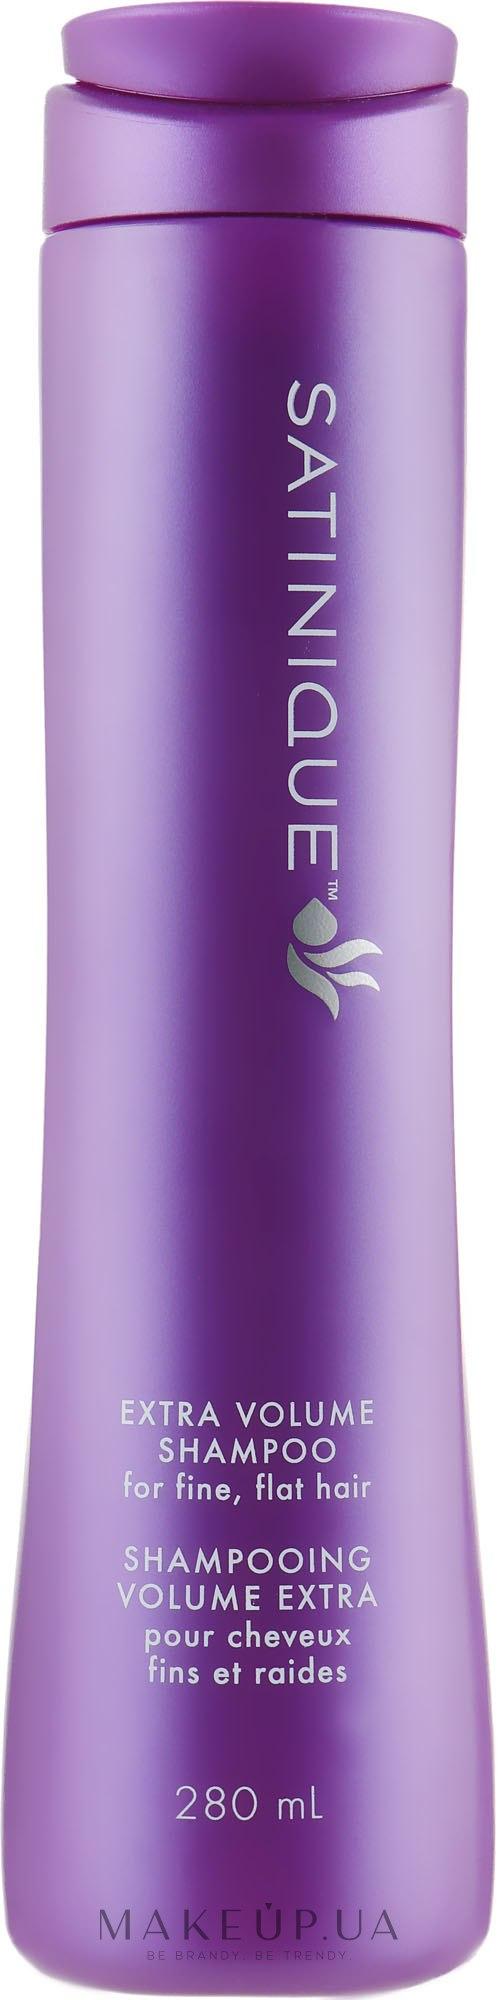 Шампунь для увеличения объема волос - Amway Satinique Extra Volume Shampoo — фото 280ml